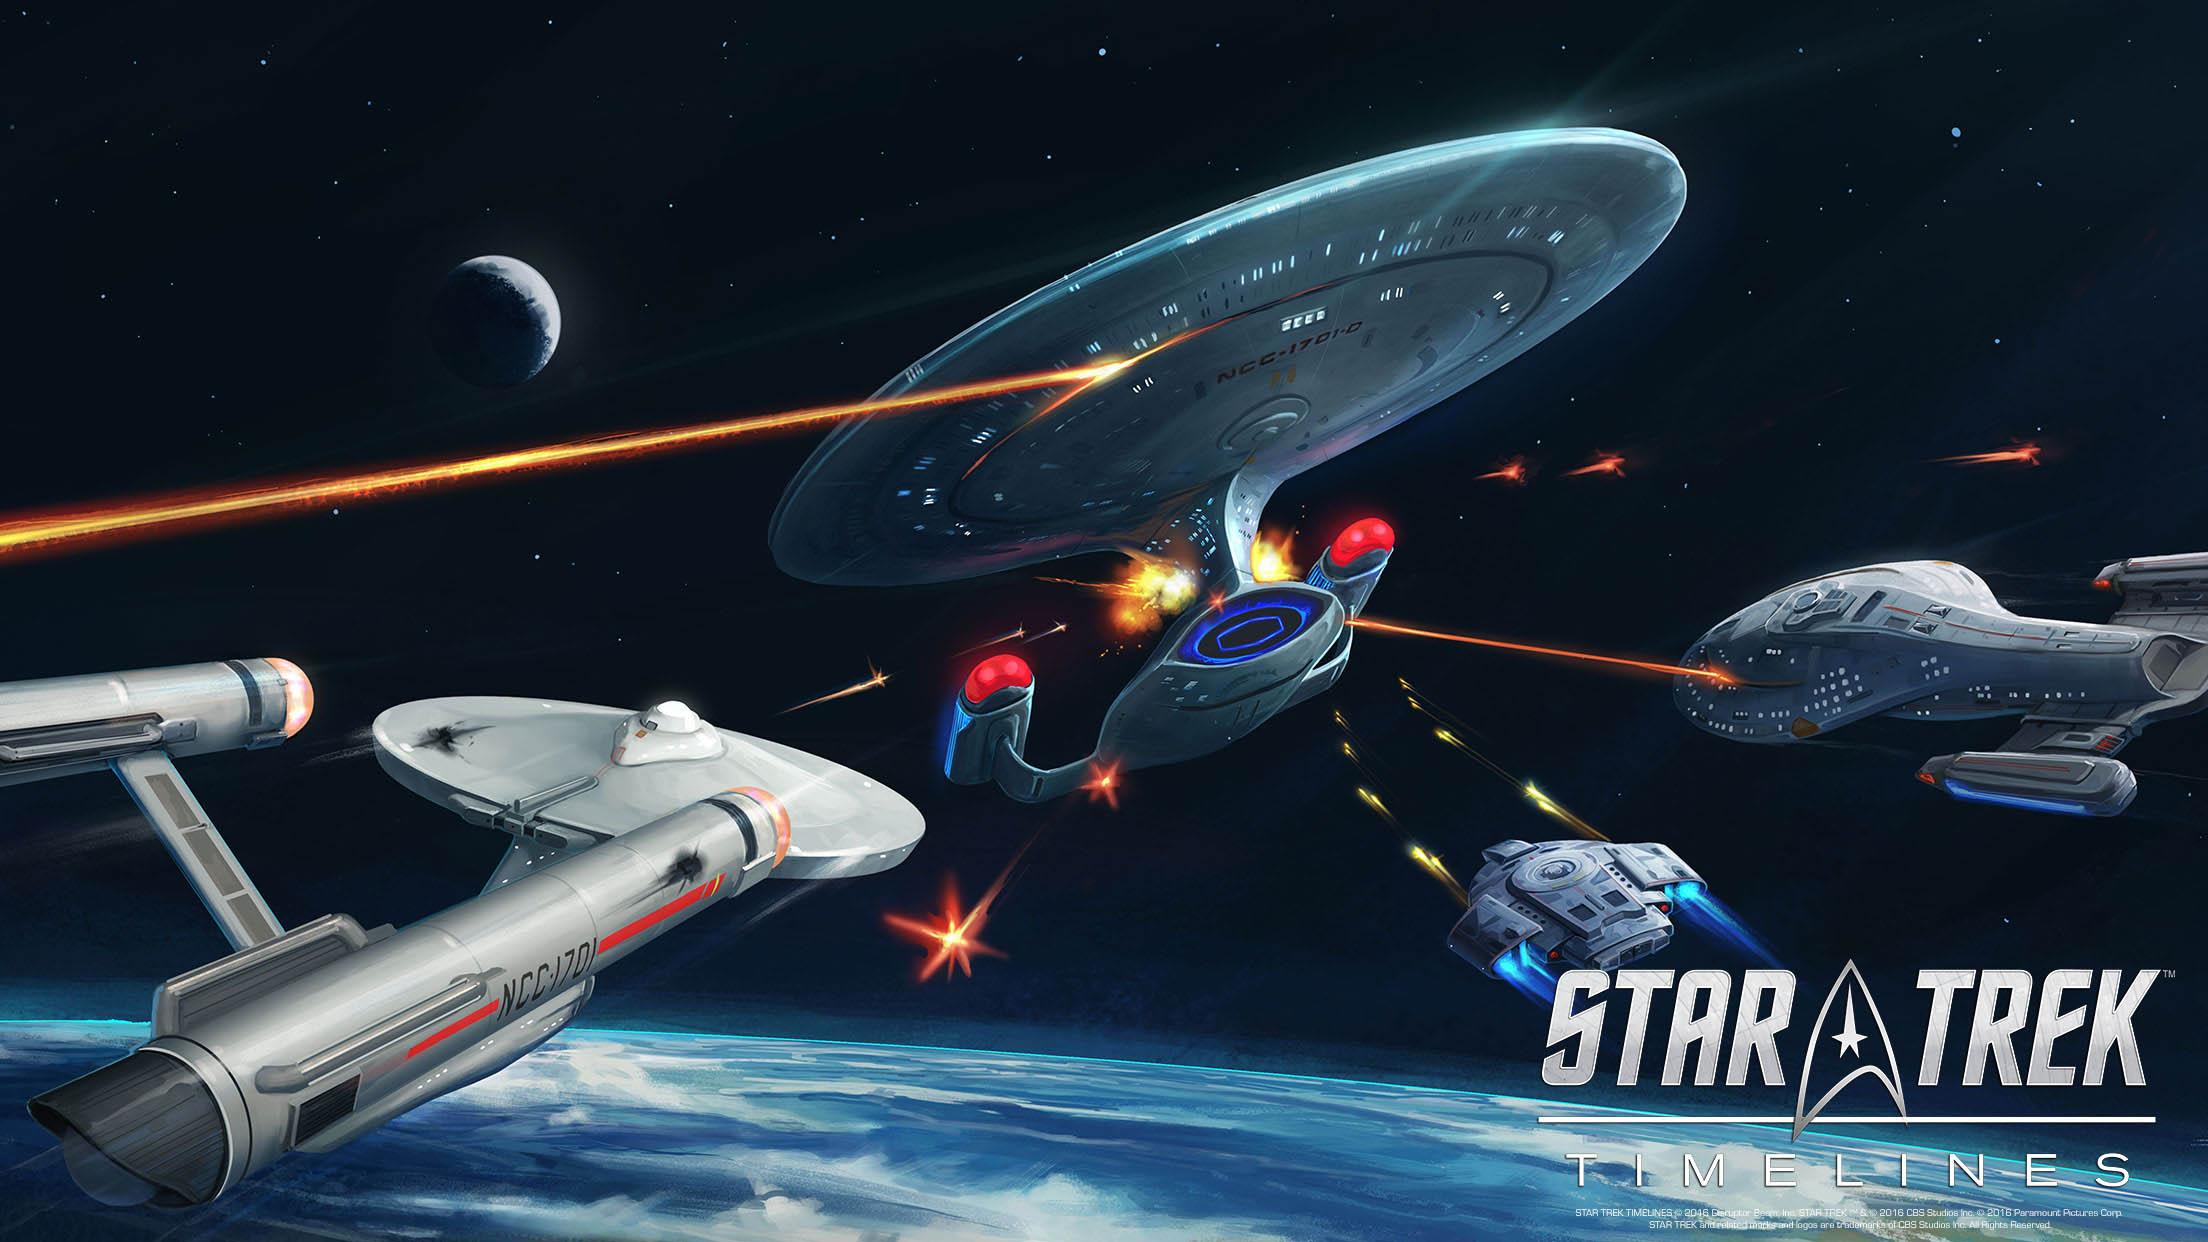 Ship Battle (Widescreen/16:9)